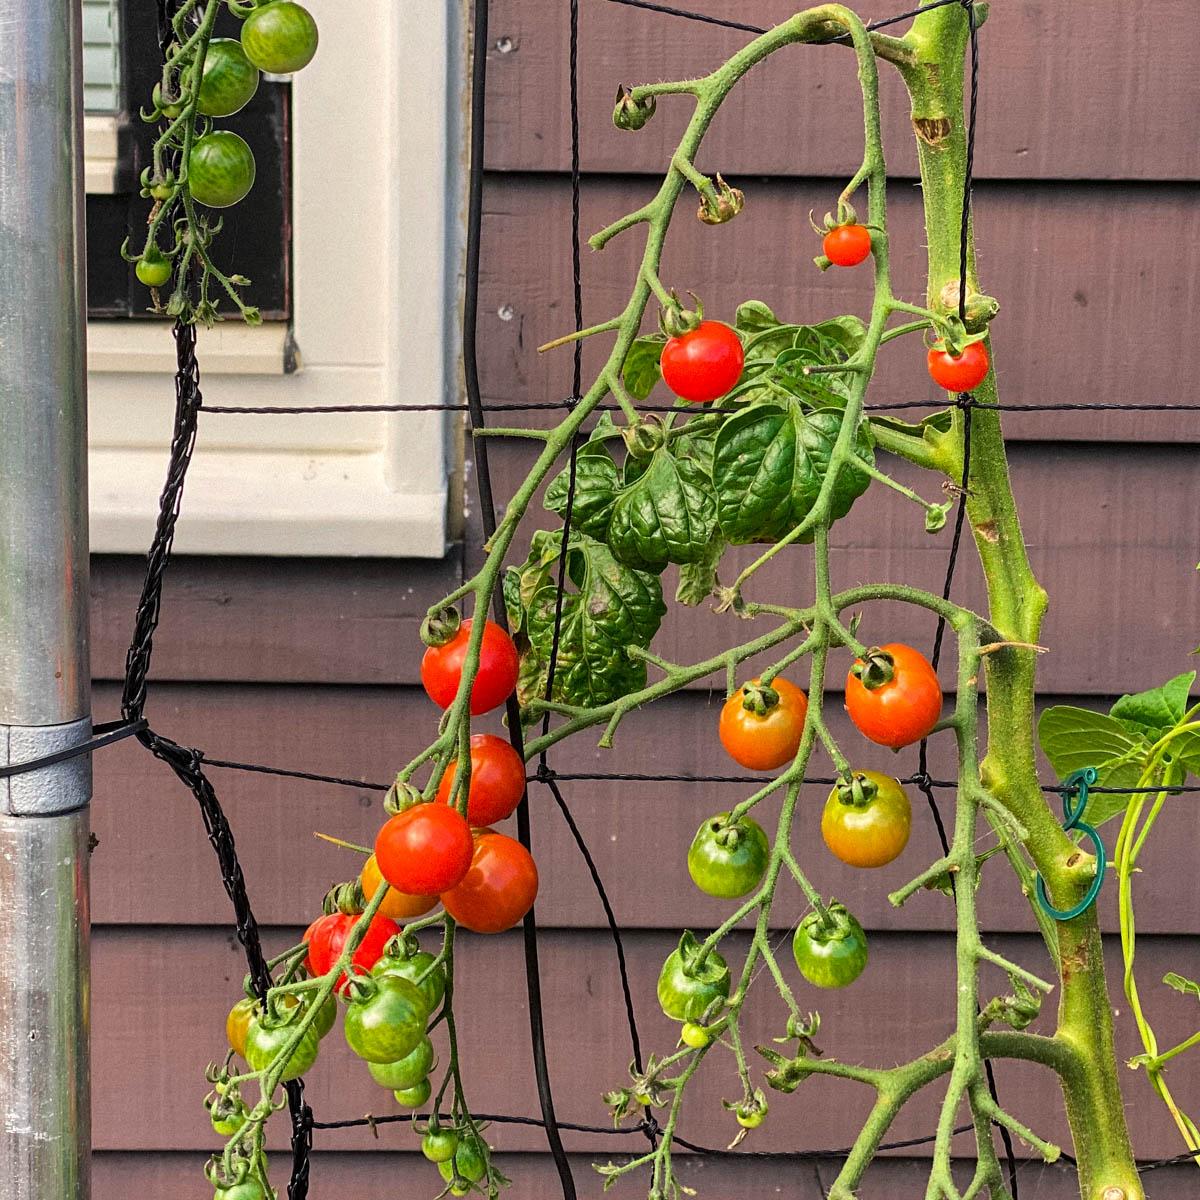 Knip rond september het meeste blad van tomatenplanten weg.